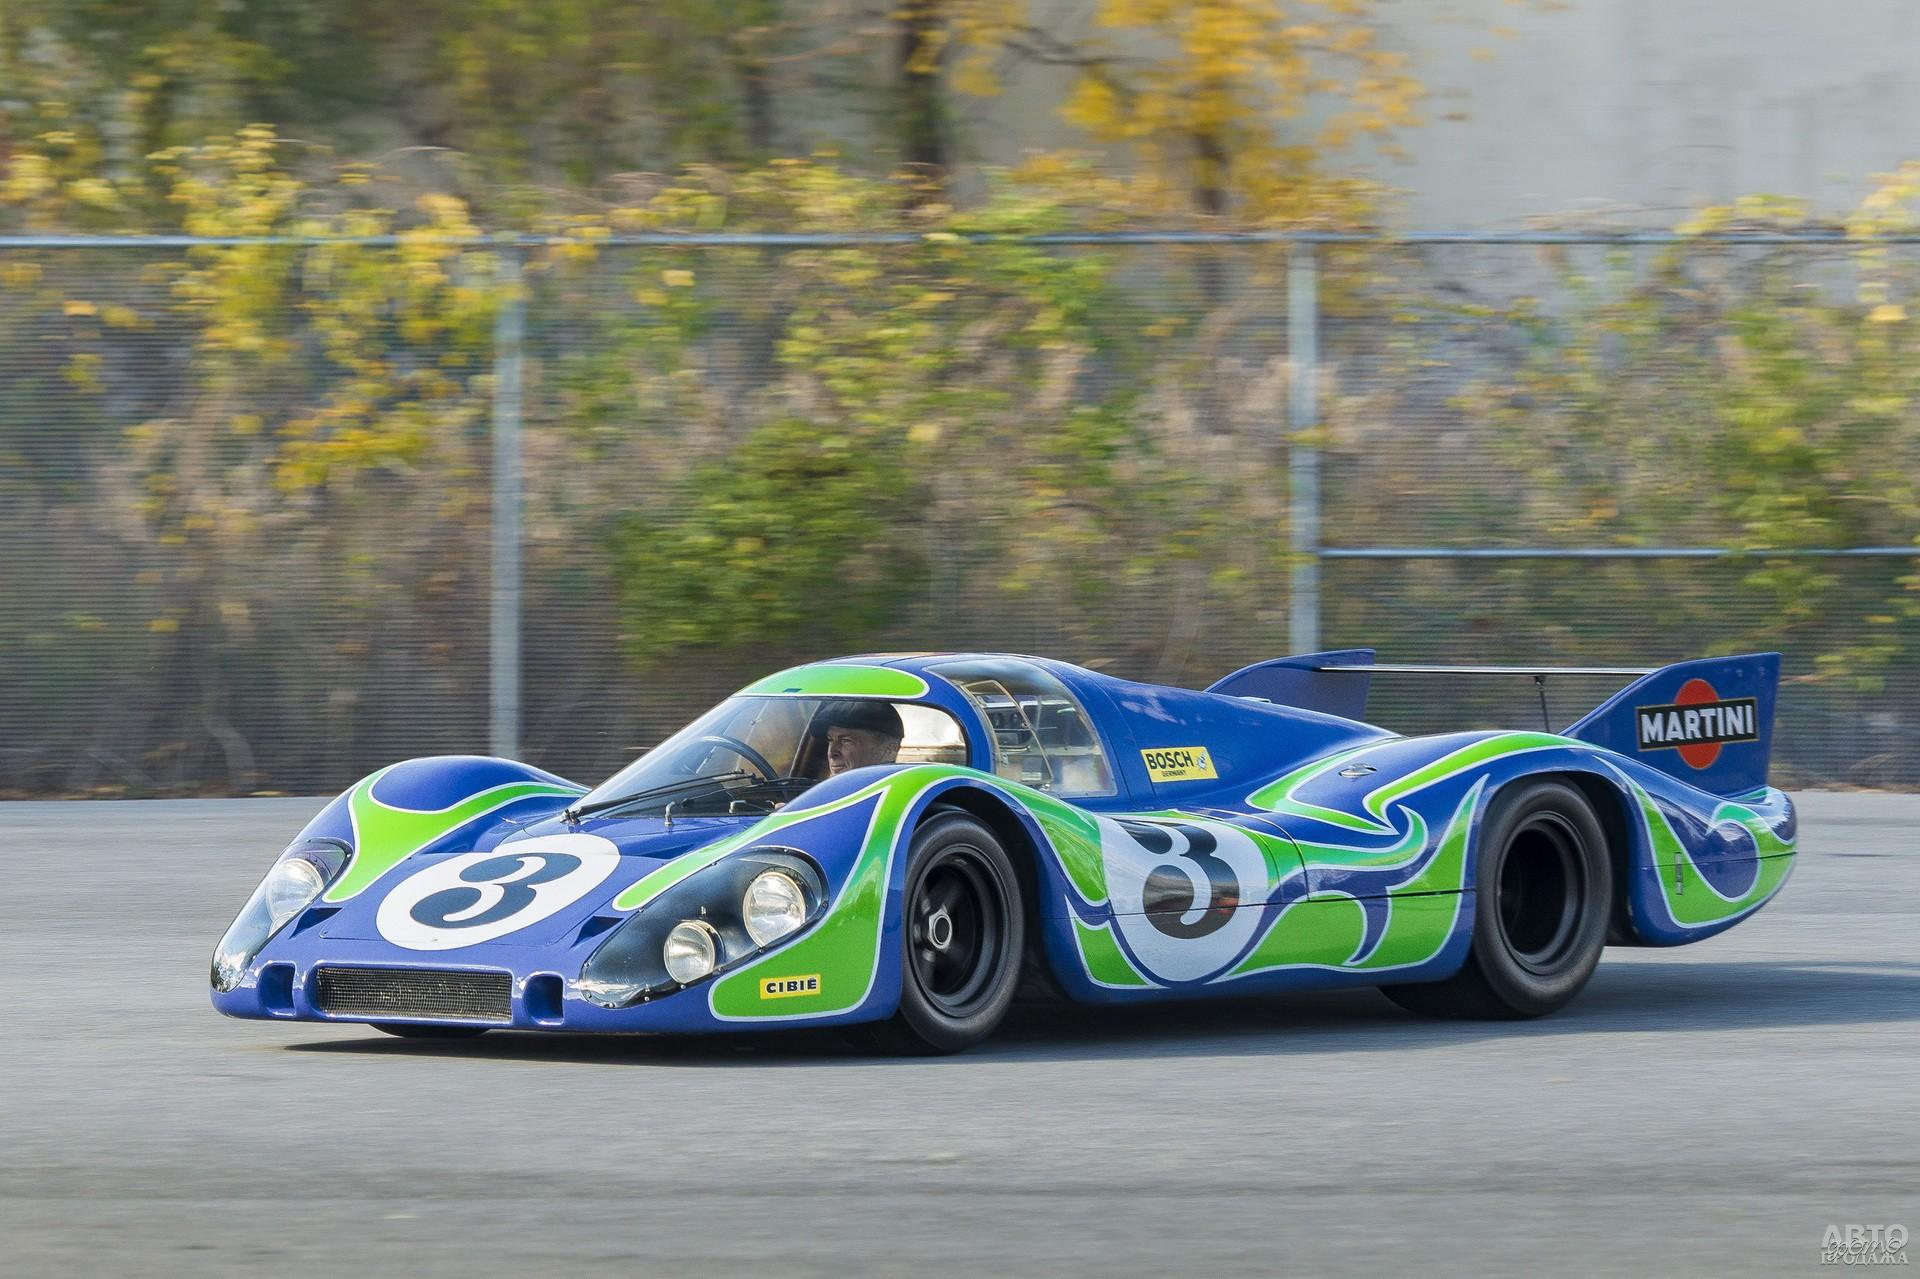 Удлиненный Porsche 917L с оригинальной окраской в стиле хиппи